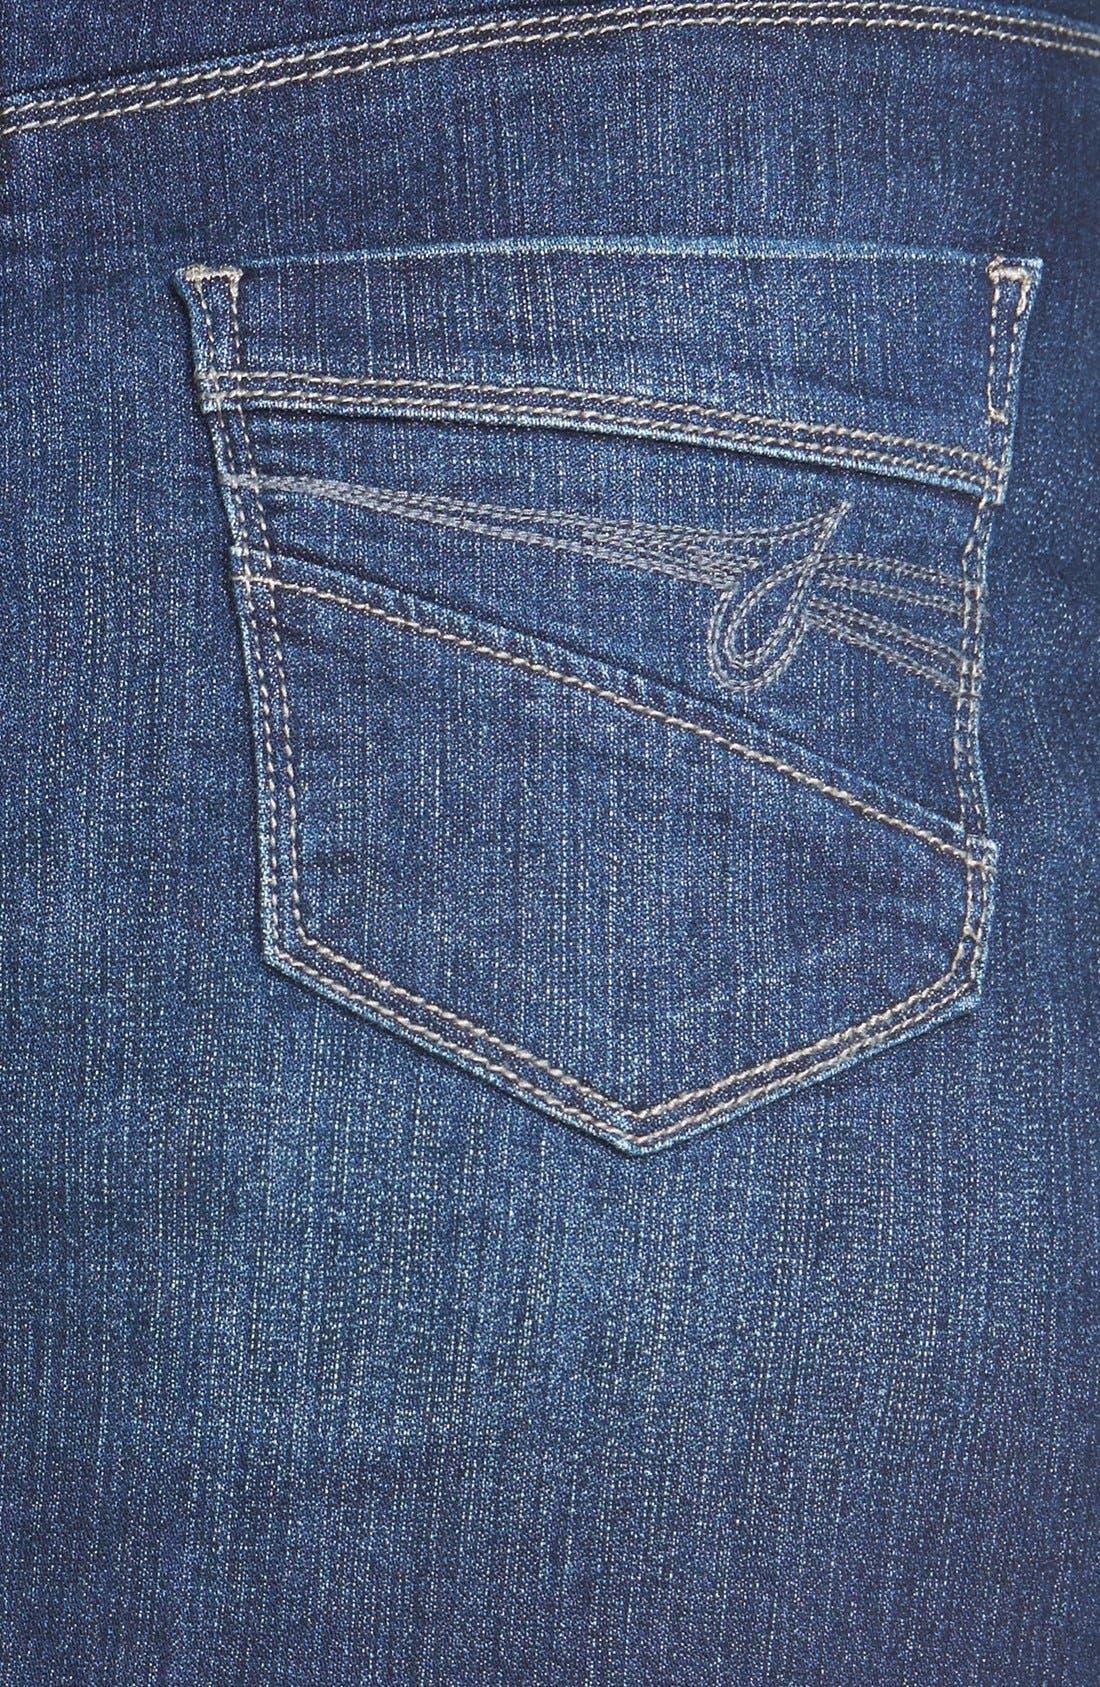 Alternate Image 3  - Jag Jeans 'Eloise' Pull-On Stretch Denim Skirt (Regular & Petite)